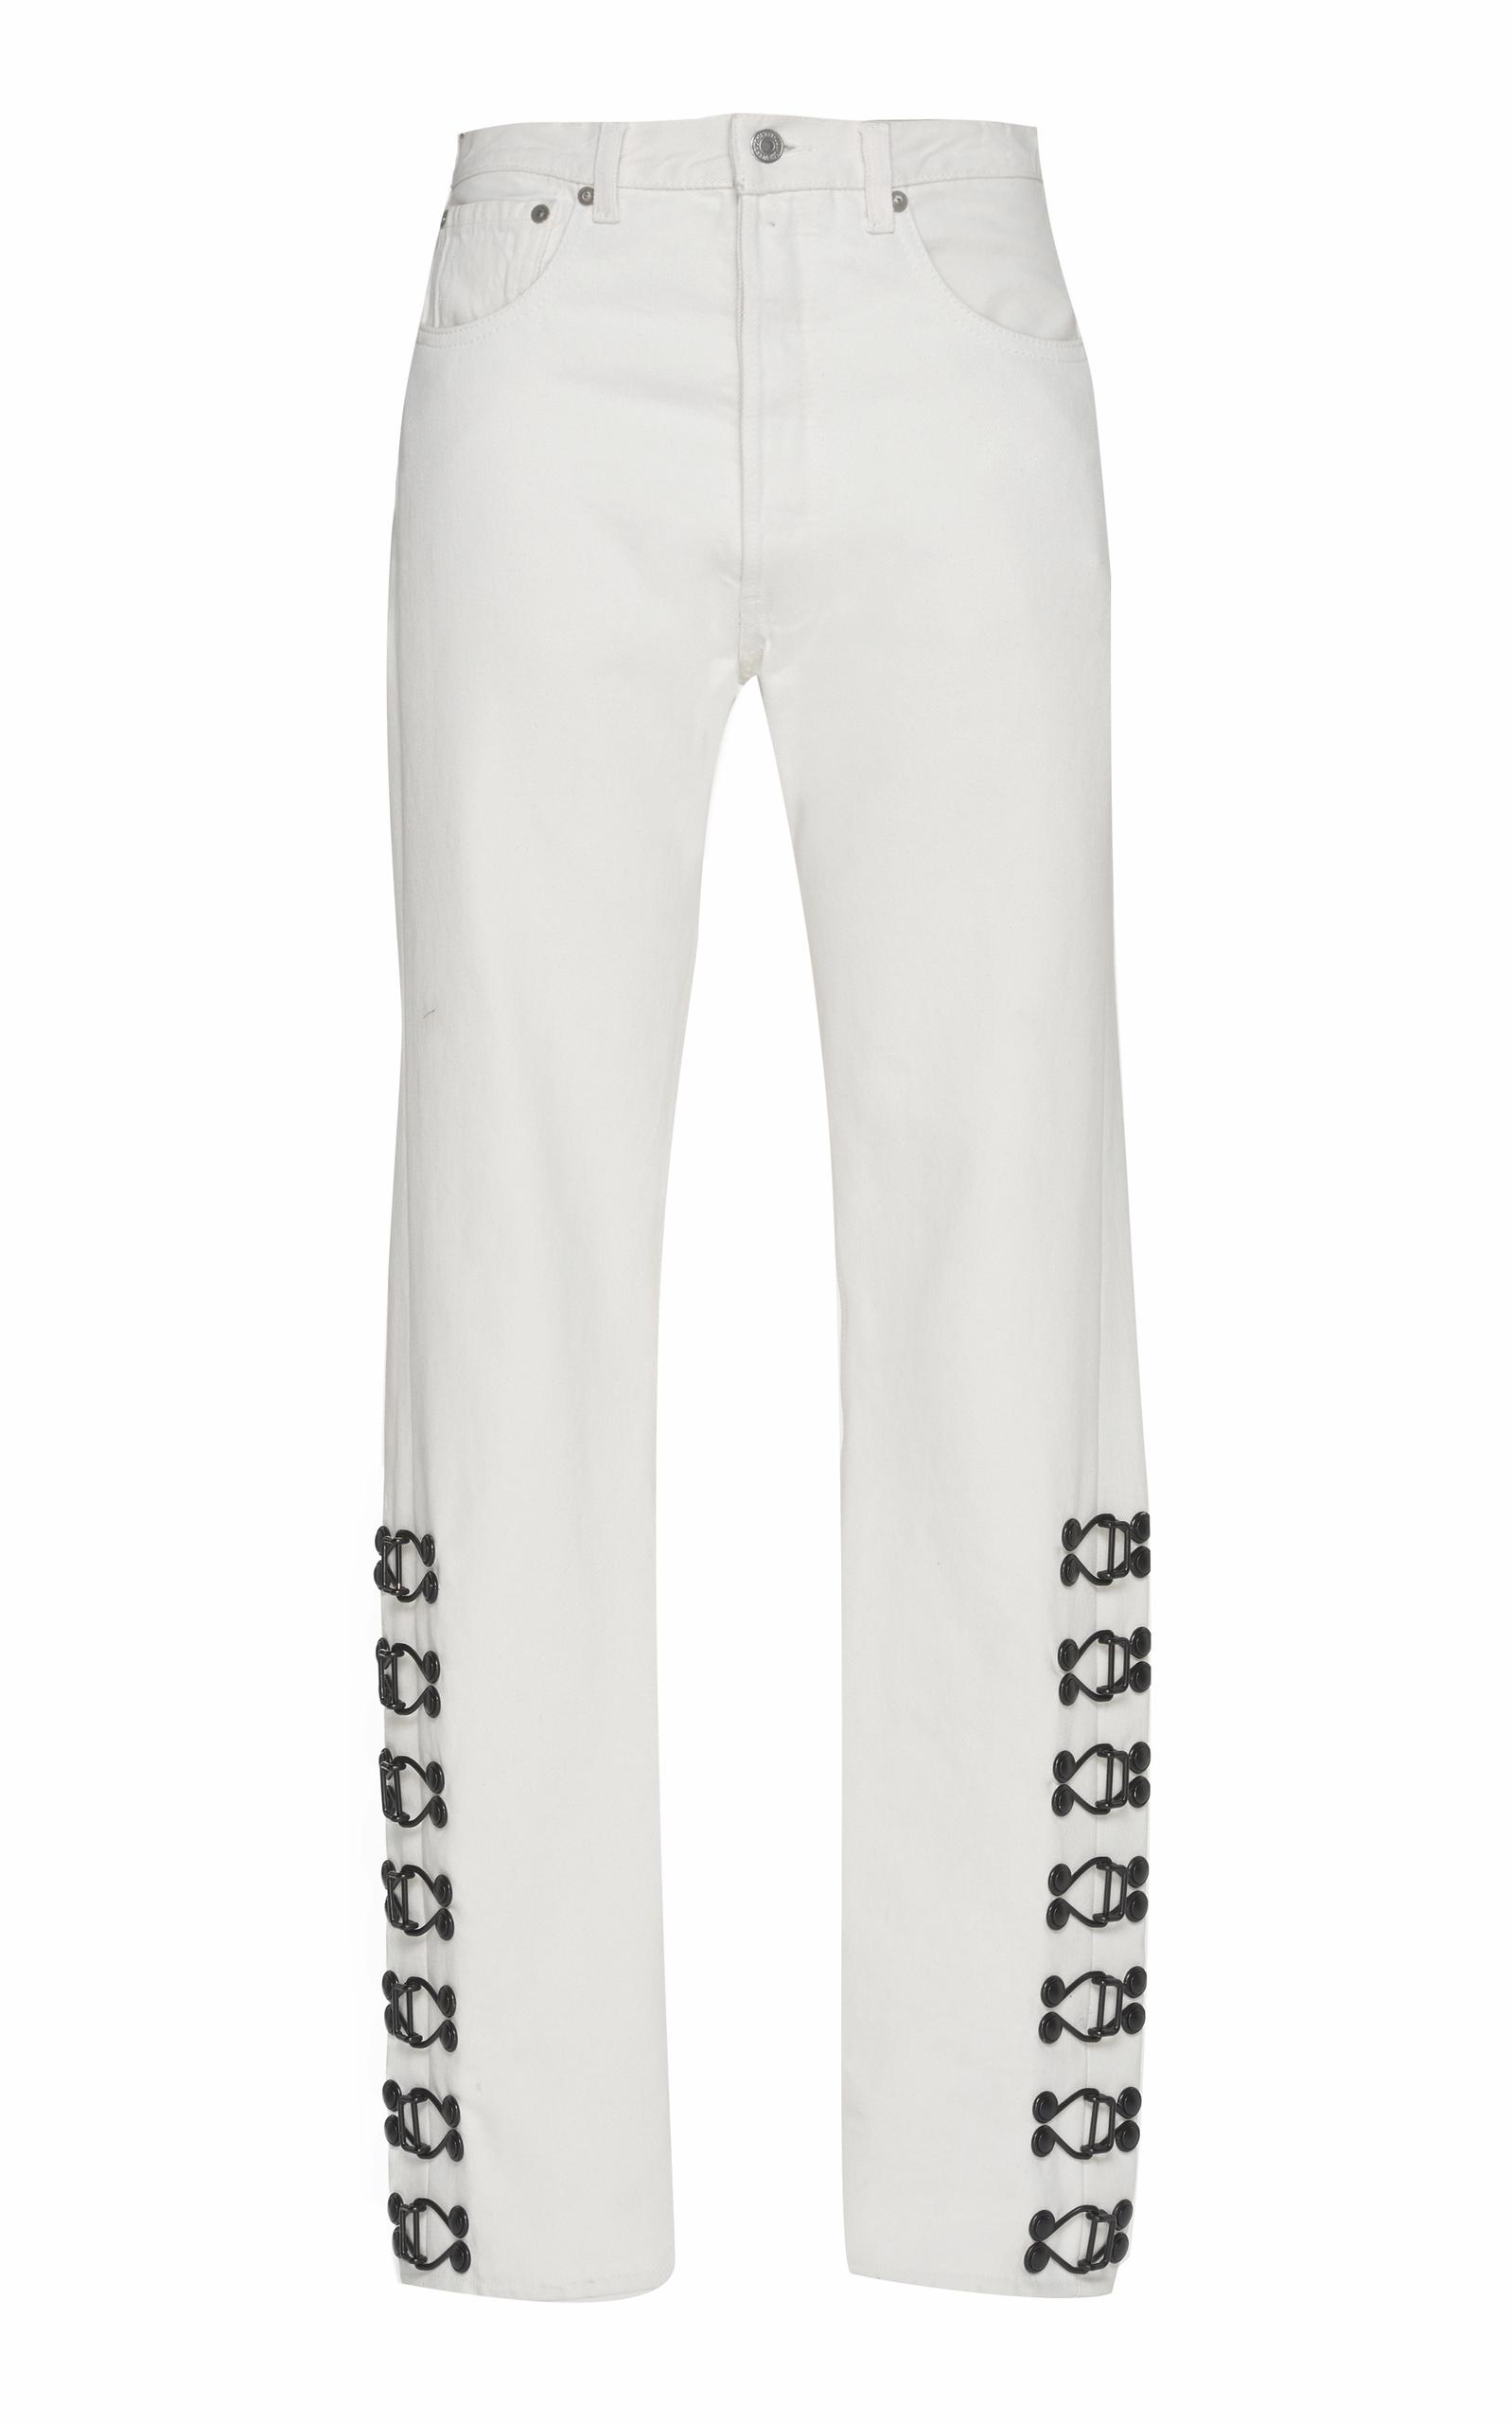 OLIVIER THEYSKENS 5-Pocket Tapered Leg Denim in White